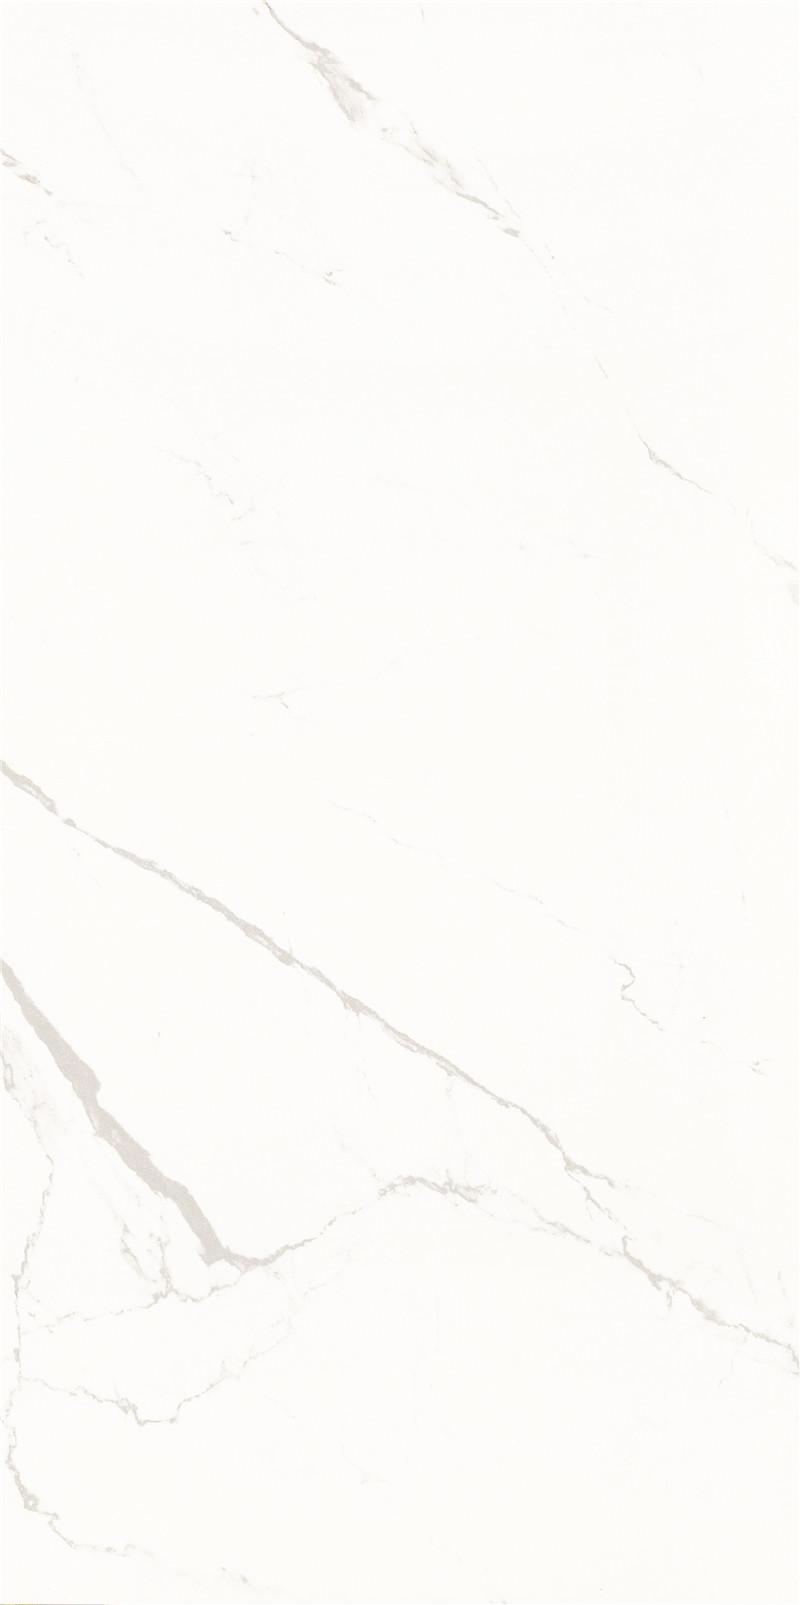 C121J371P-5